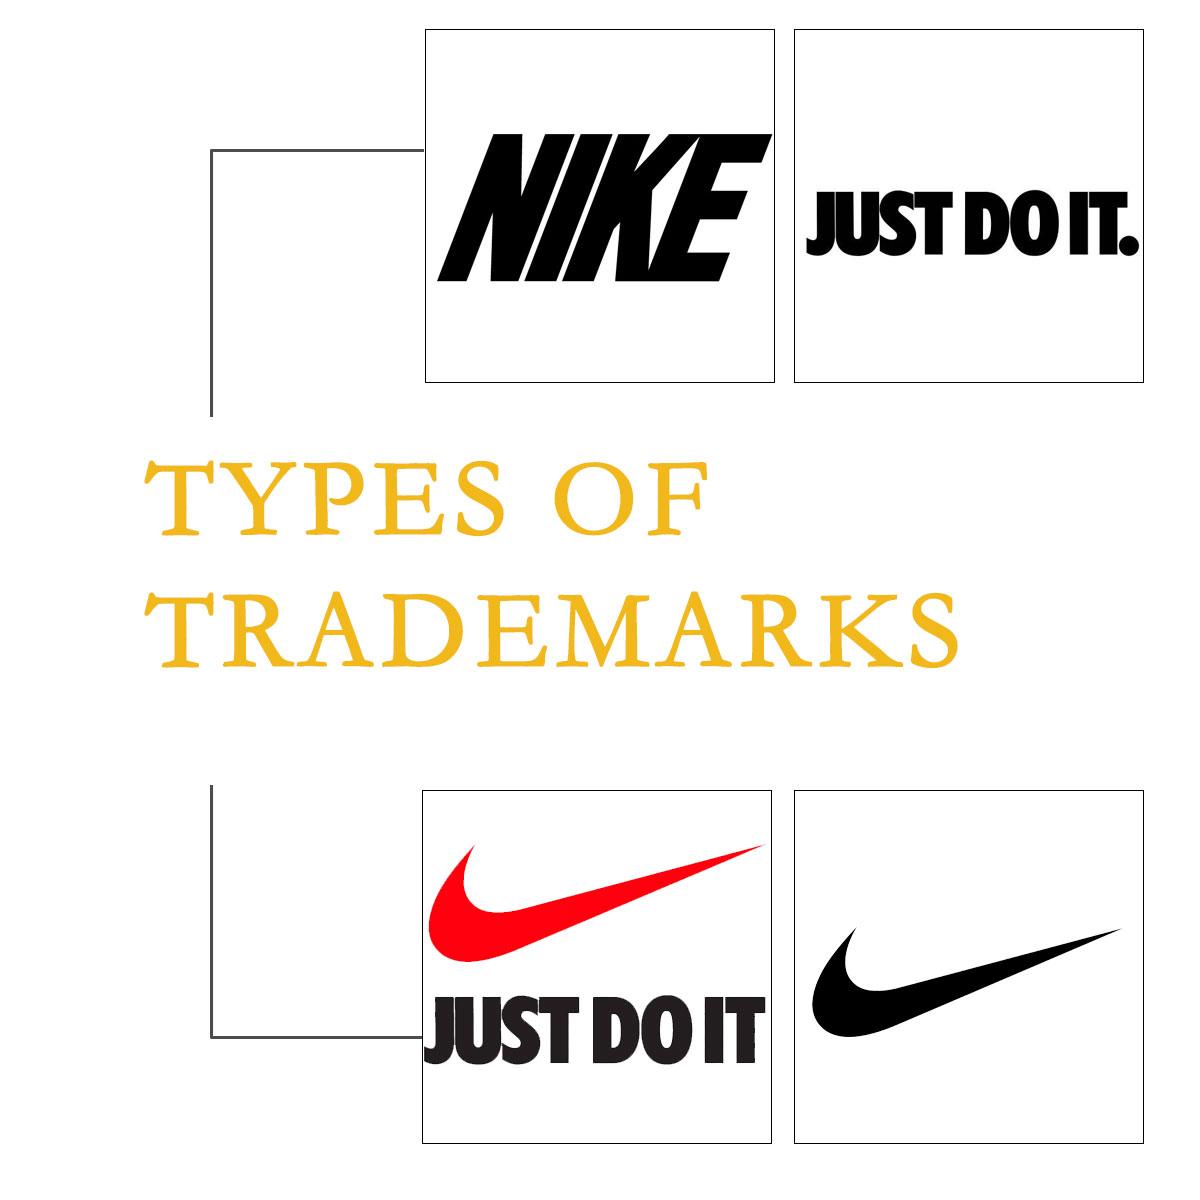 tyoes-of-trademark.nike.jpg